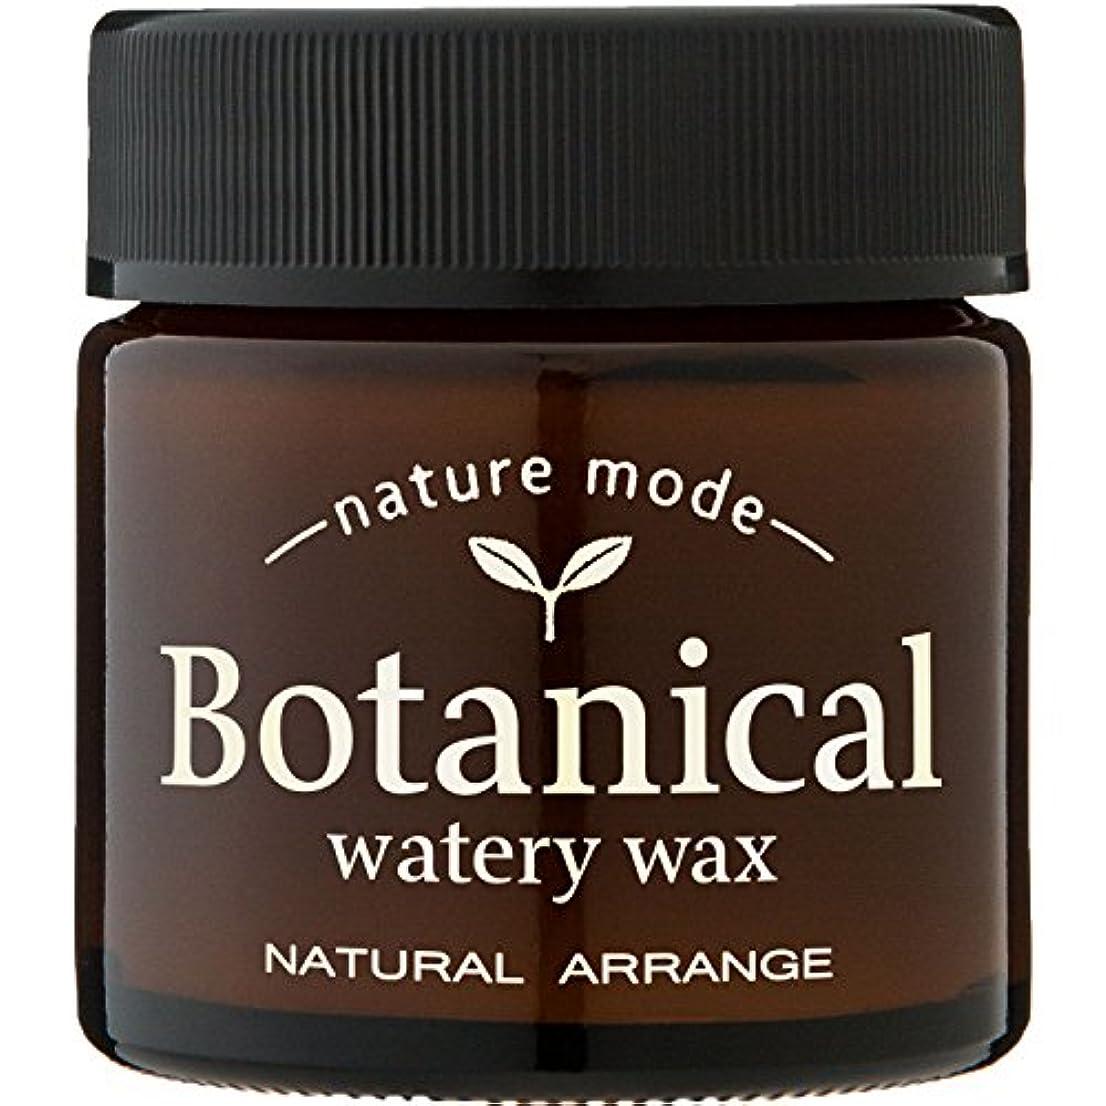 ラテン強大な日常的にネイチャーモード ボタニカル ウォータリーワックス <ナチュラルアレンジ>